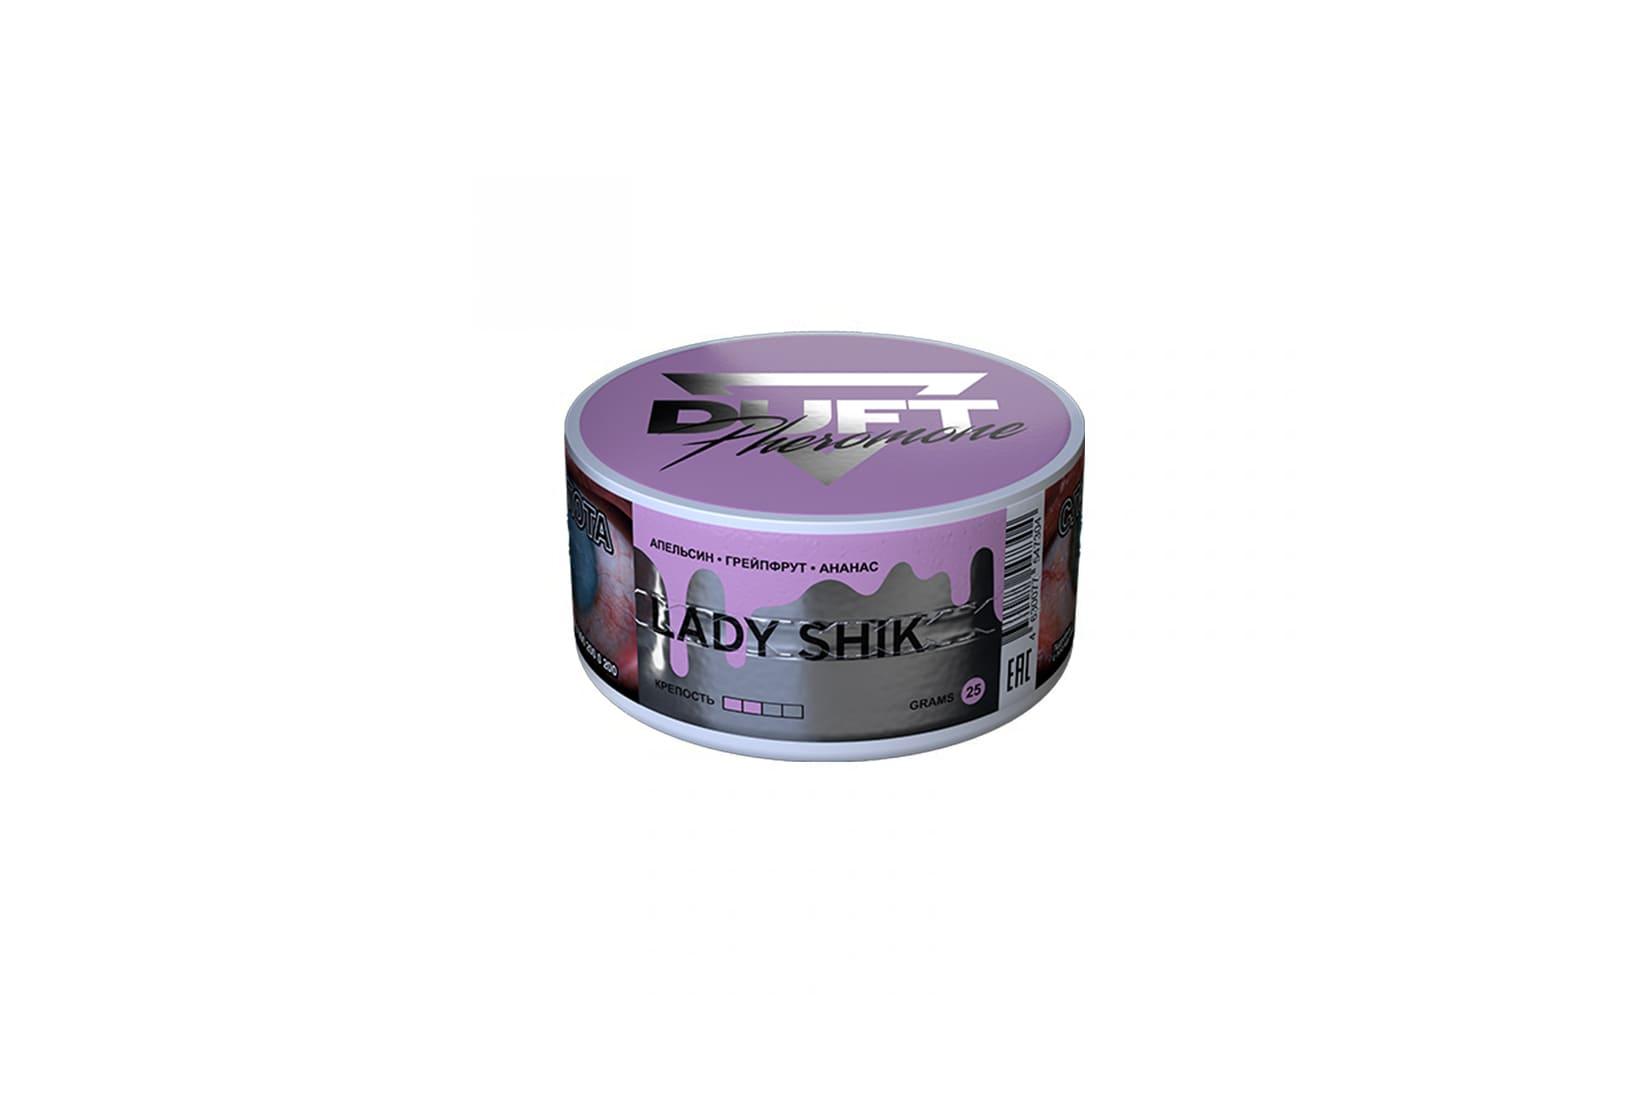 Табак для кальяна Duft Pheromon LADY SHIK: описание, миксы, отзывы